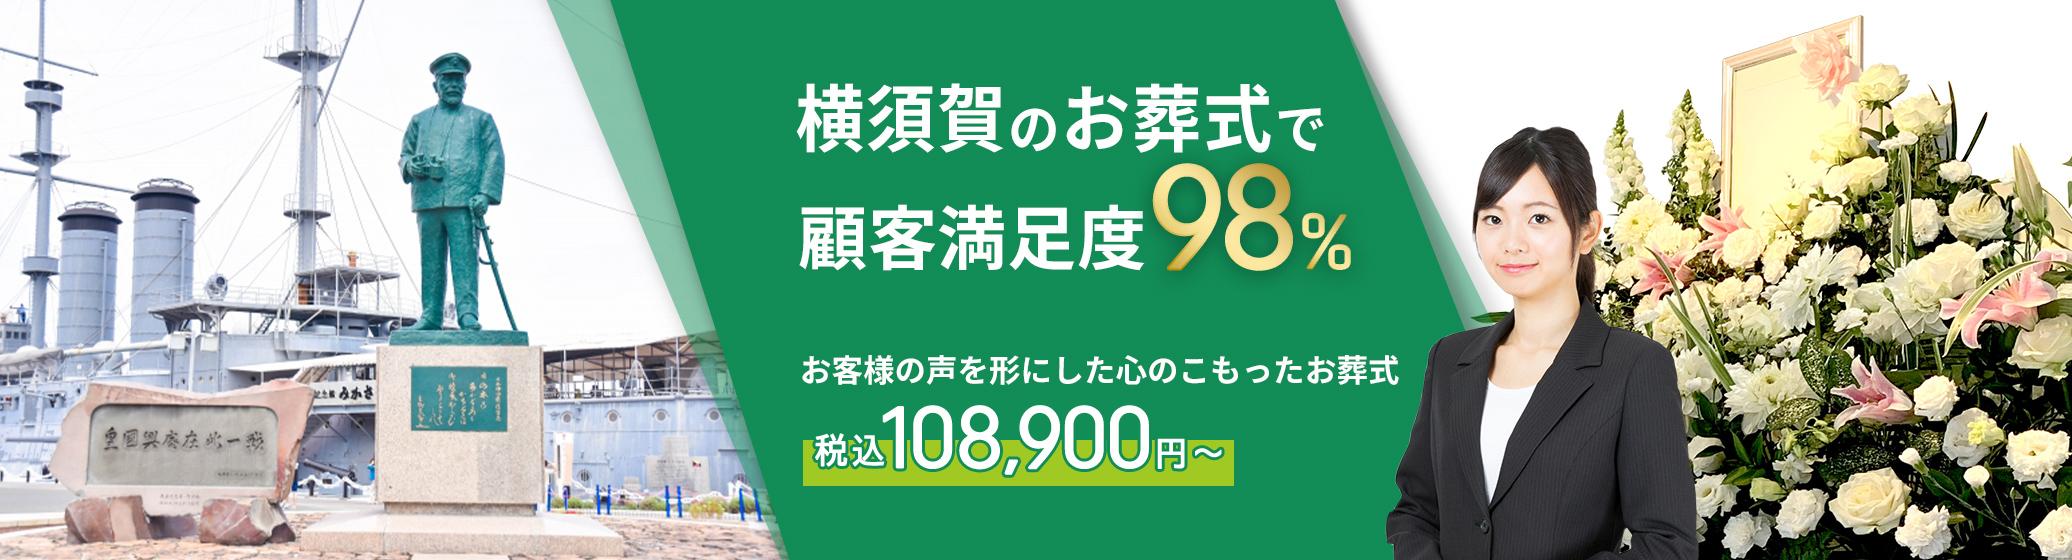 横須賀市で葬儀をお考えの方へ安心価格で納得のお葬式が定額プラン・葬儀に必要なものすべて含んで140,000円(税込)